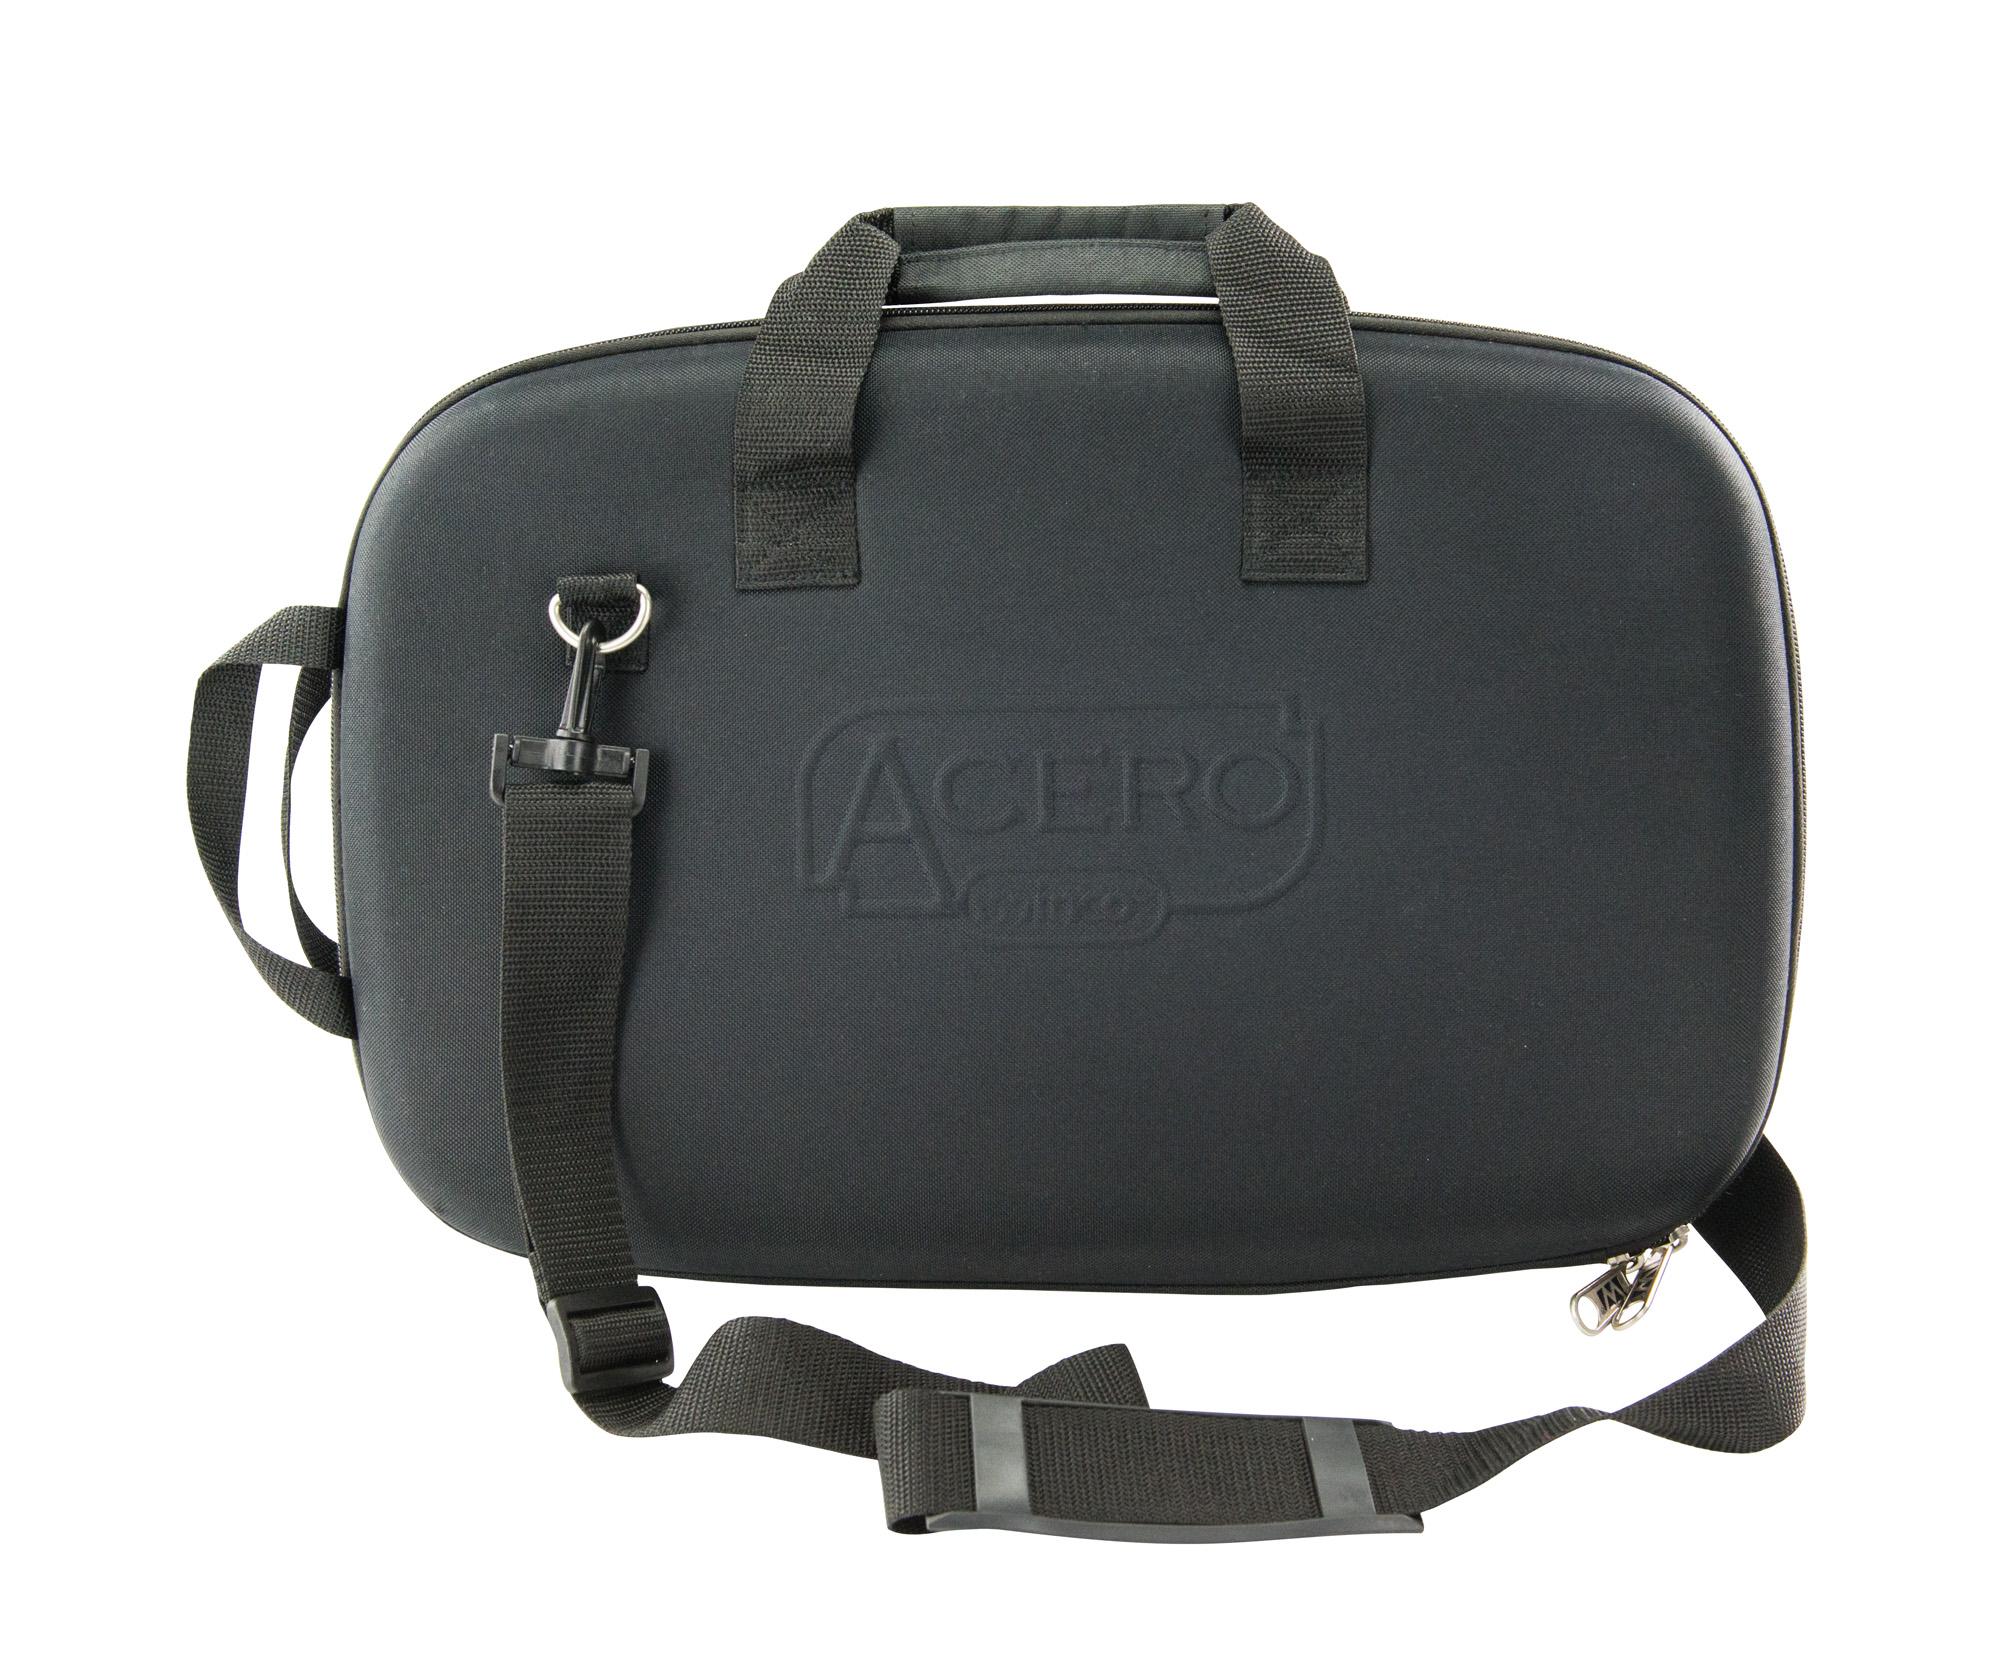 Winco KBP-2 inner knife case for backpack